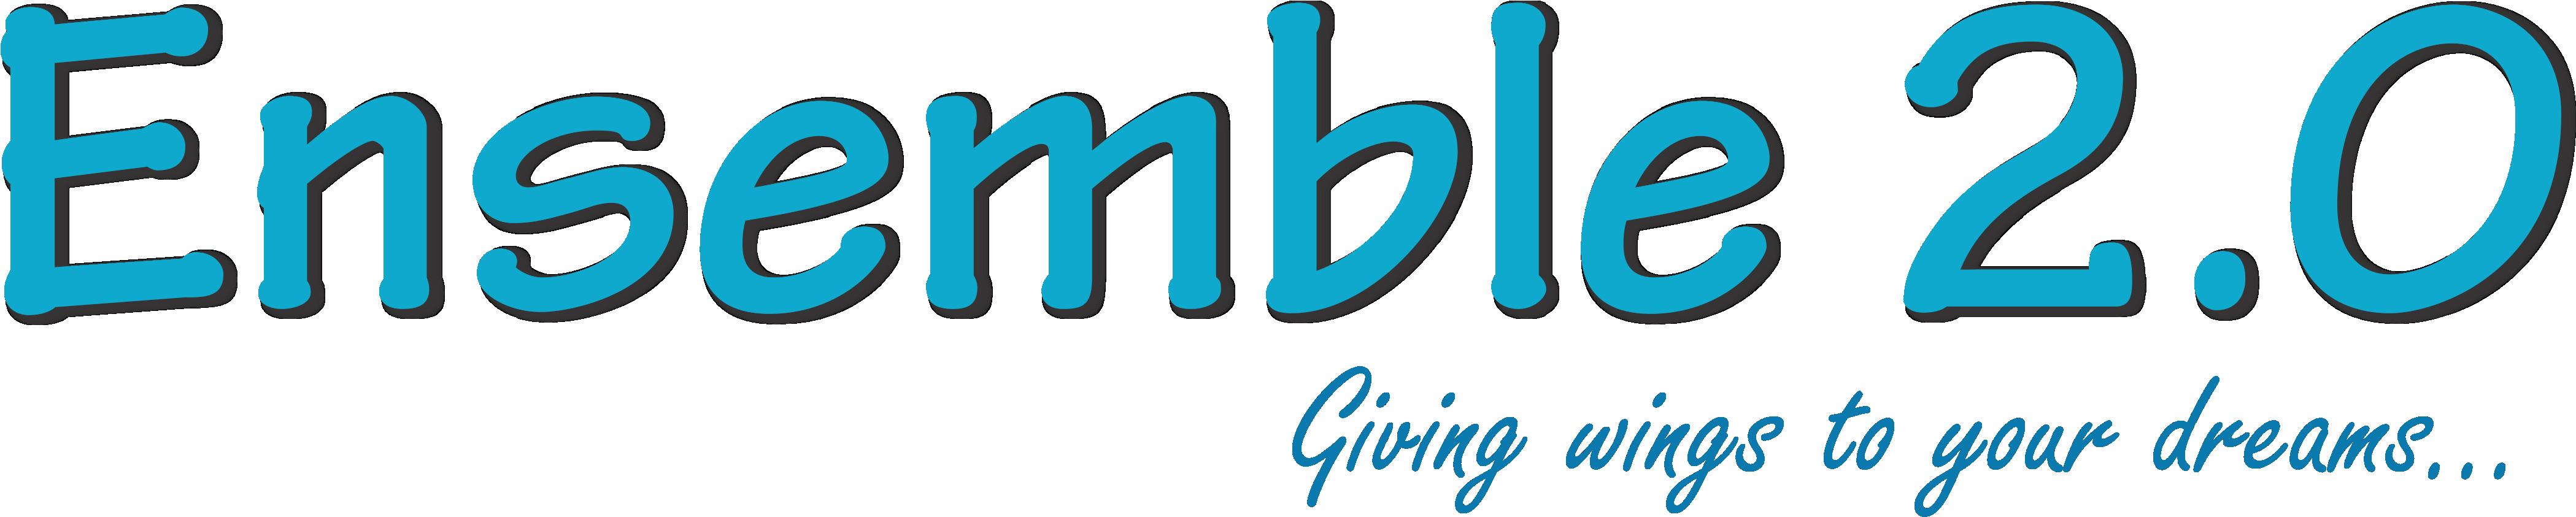 ensemble 2.0 logo